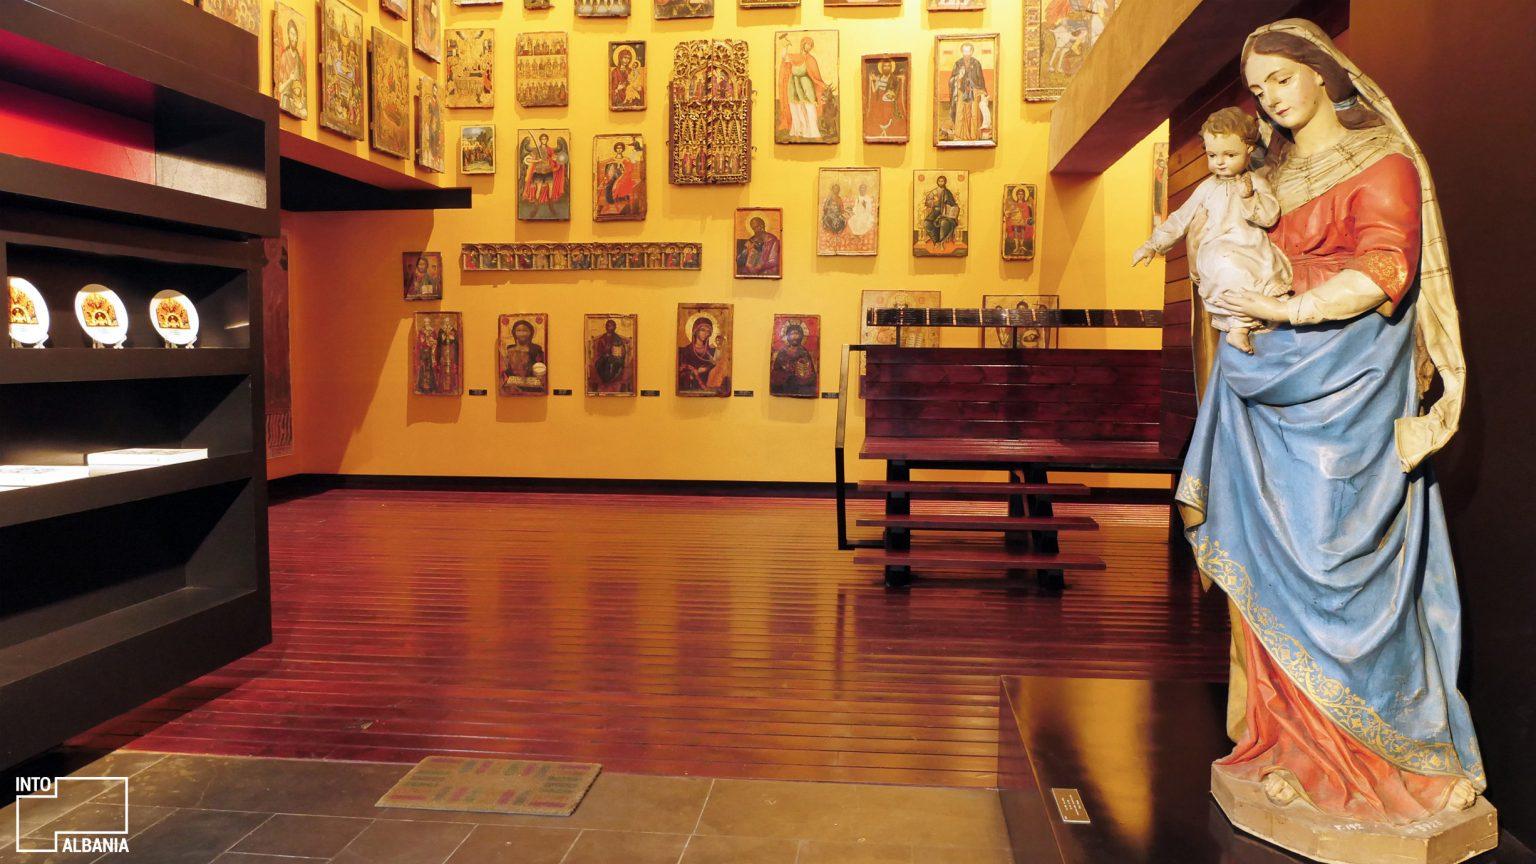 Muzeu Kombëtar i Artit Mesjetar, Korçë, foto nga IntoAlbania